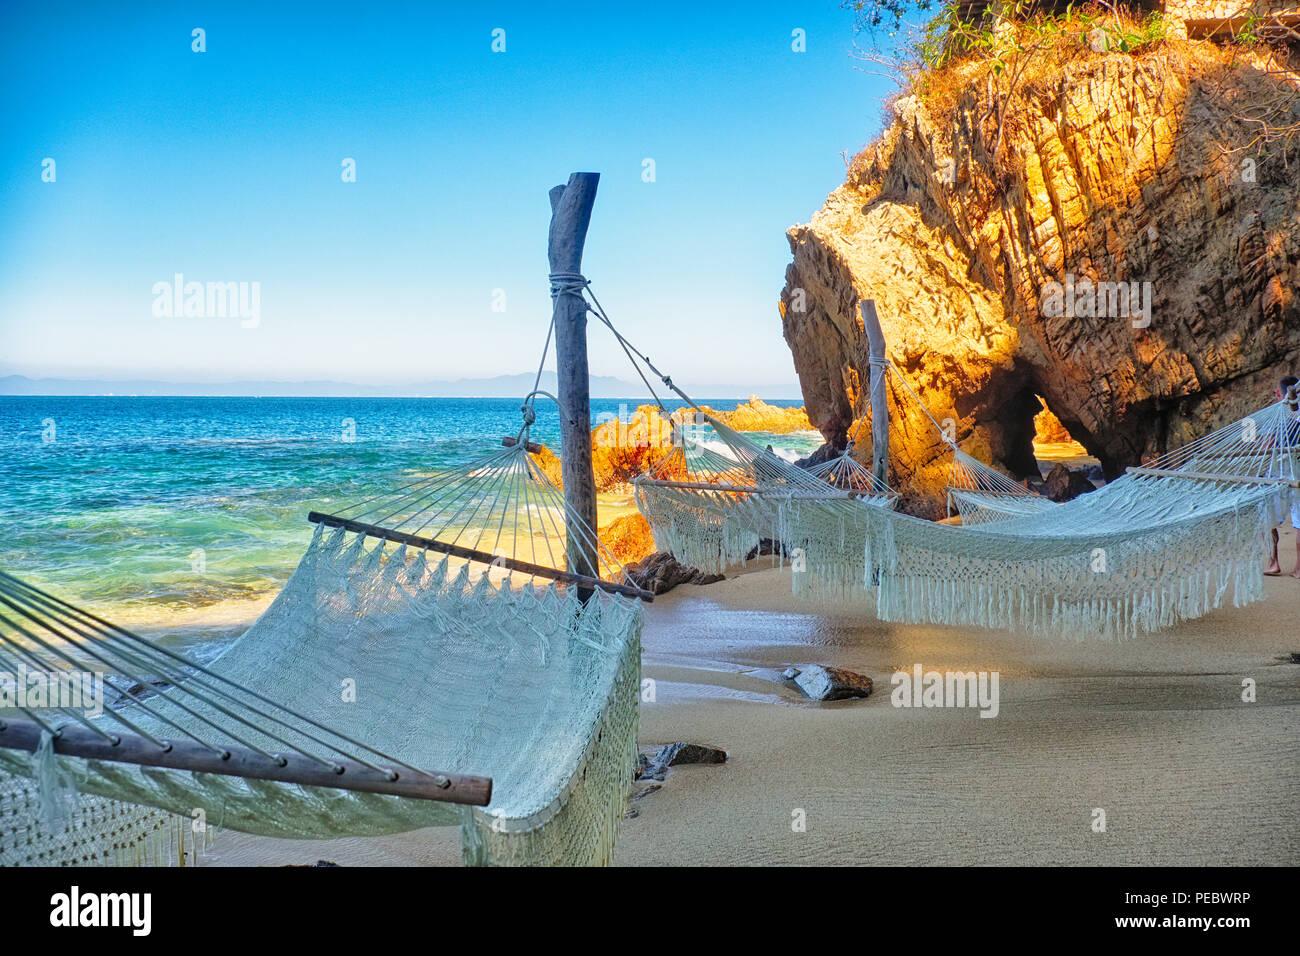 Hängematten im Schatten an einem tropischen Strand Hideway, Las Calitas, Jalisco, Mexiko Stockbild